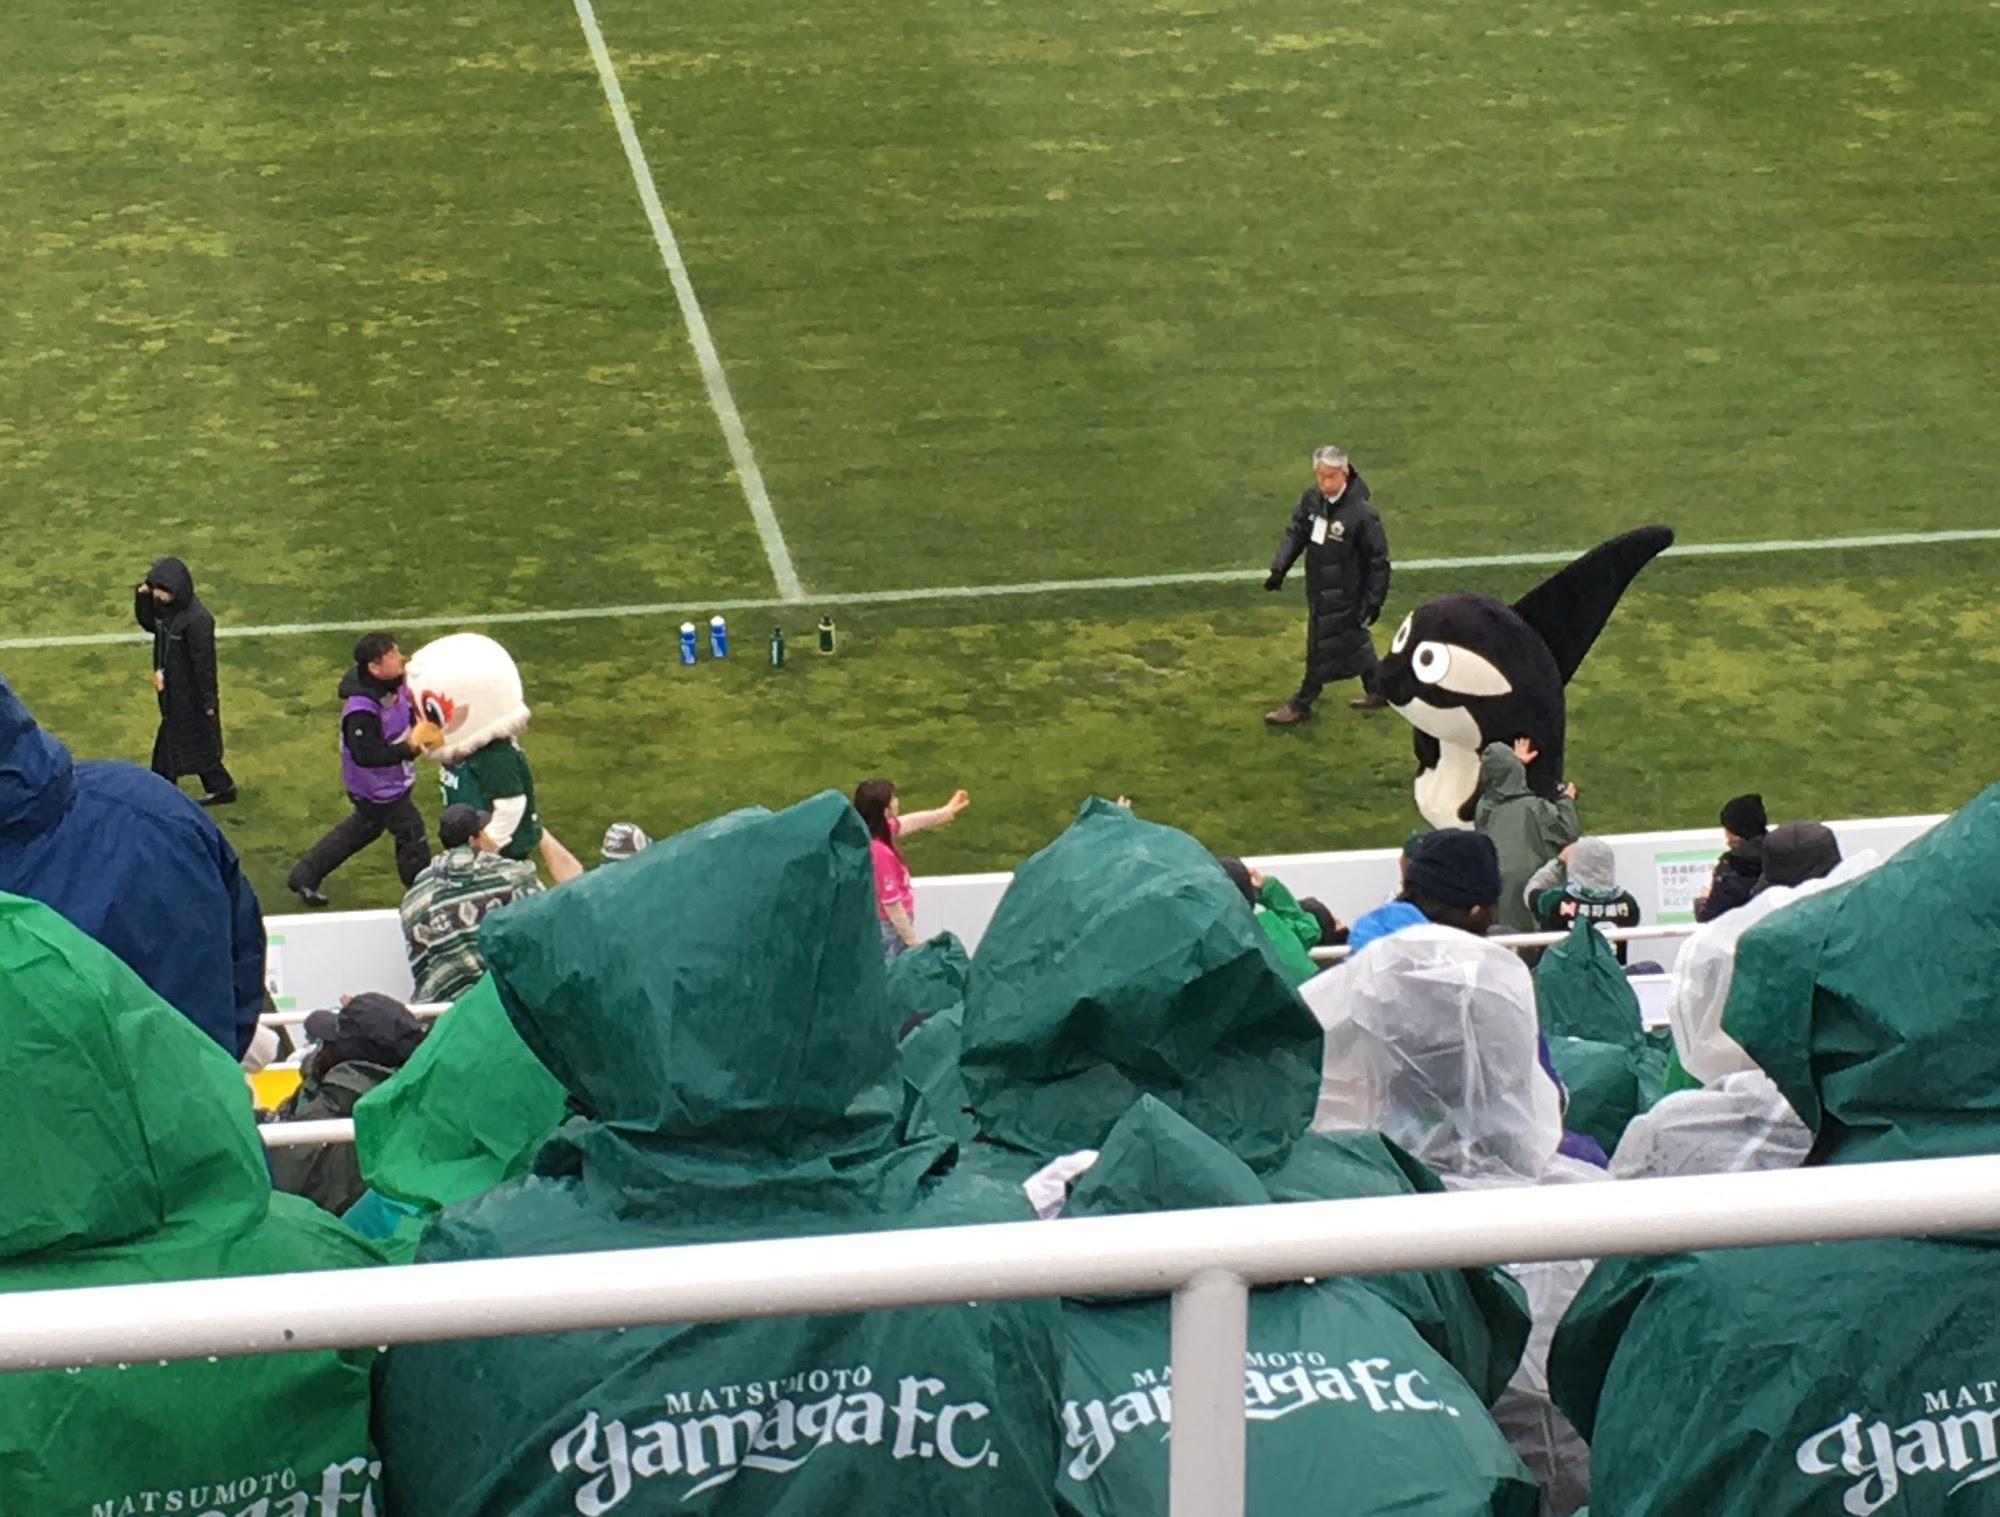 松本山雅FC公認!山雅サポーター限定オフィシャルツアー